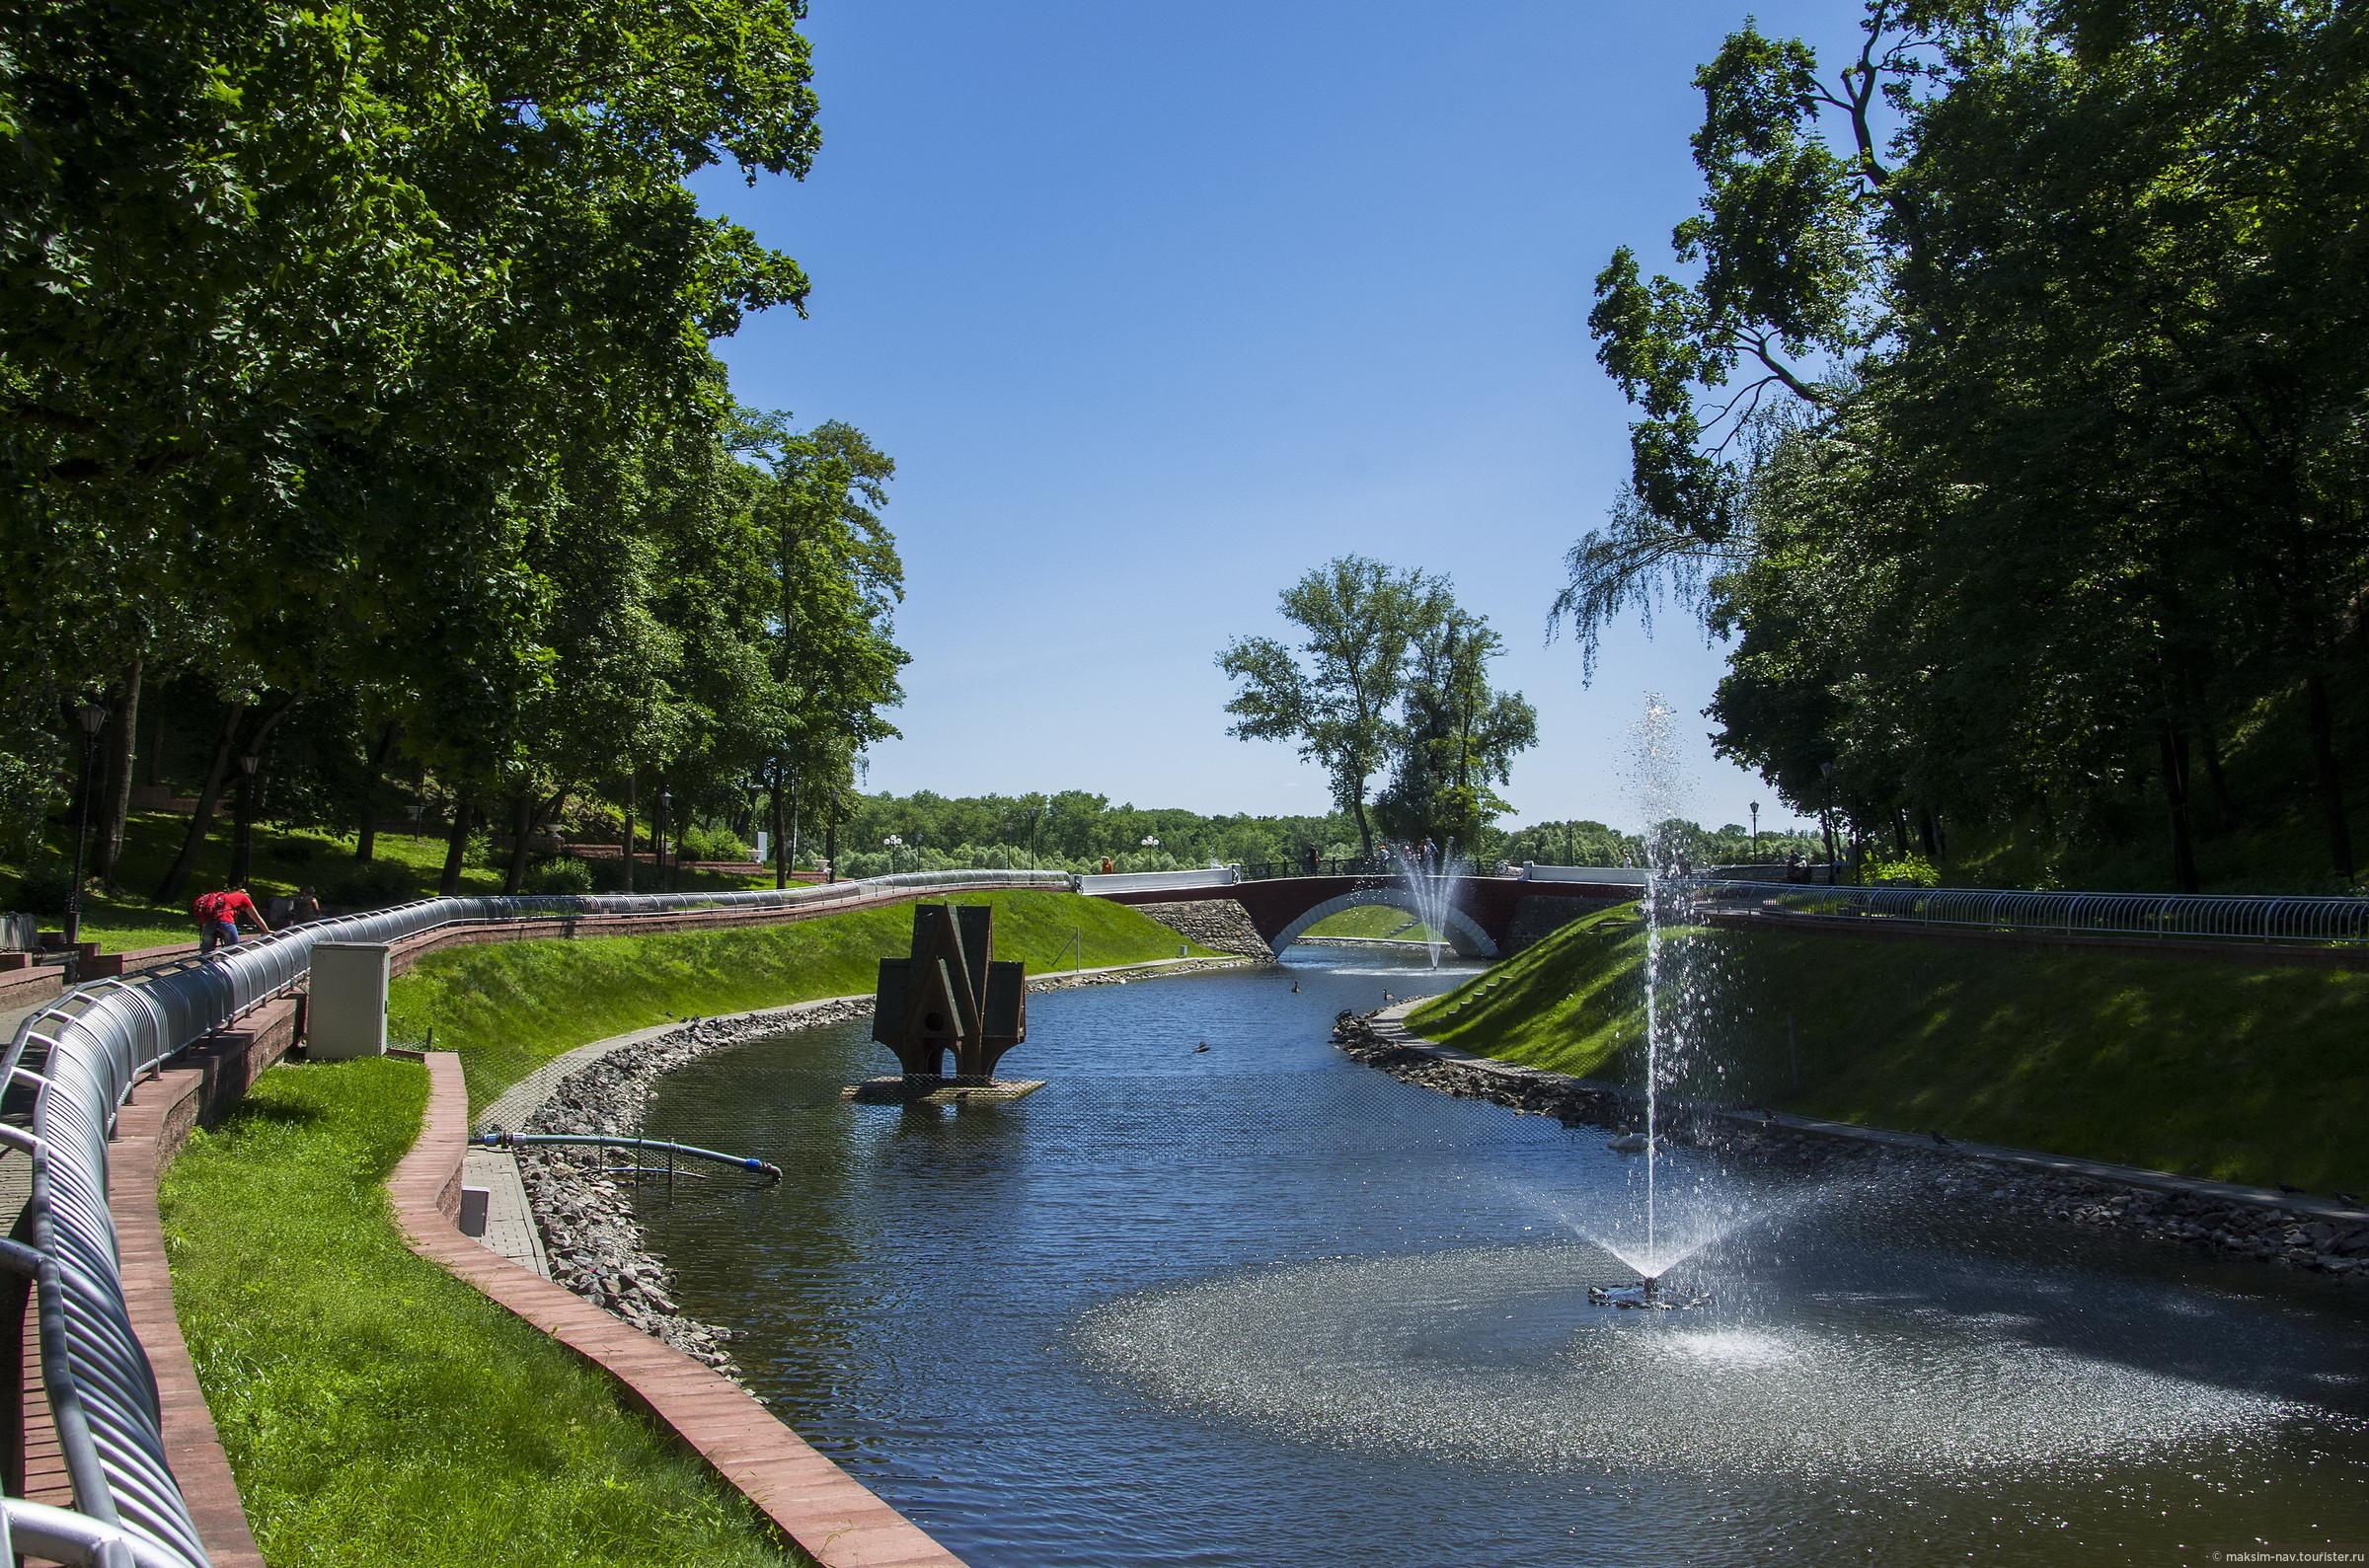 Лебяжий пруд делит парк на две части: южную (в которой находятся основные памятники архитектуры) и северную (зимний сад, смотровая башня, аттракционы)., Гомельский дворцово-парковый ансамбль.